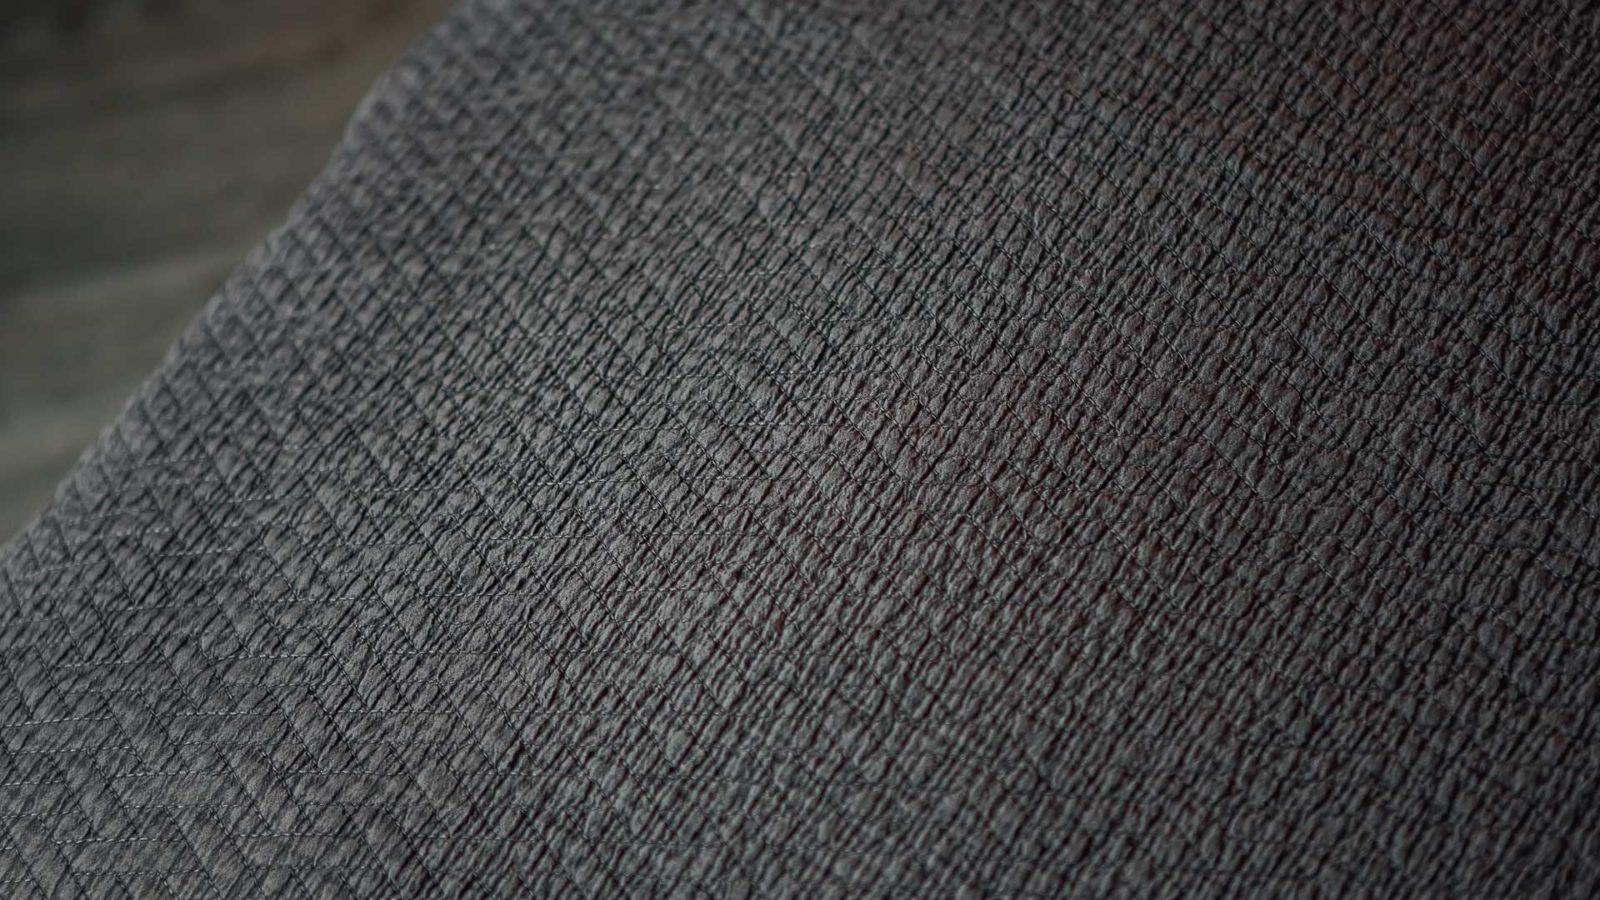 Textured bedspreads - dark grey